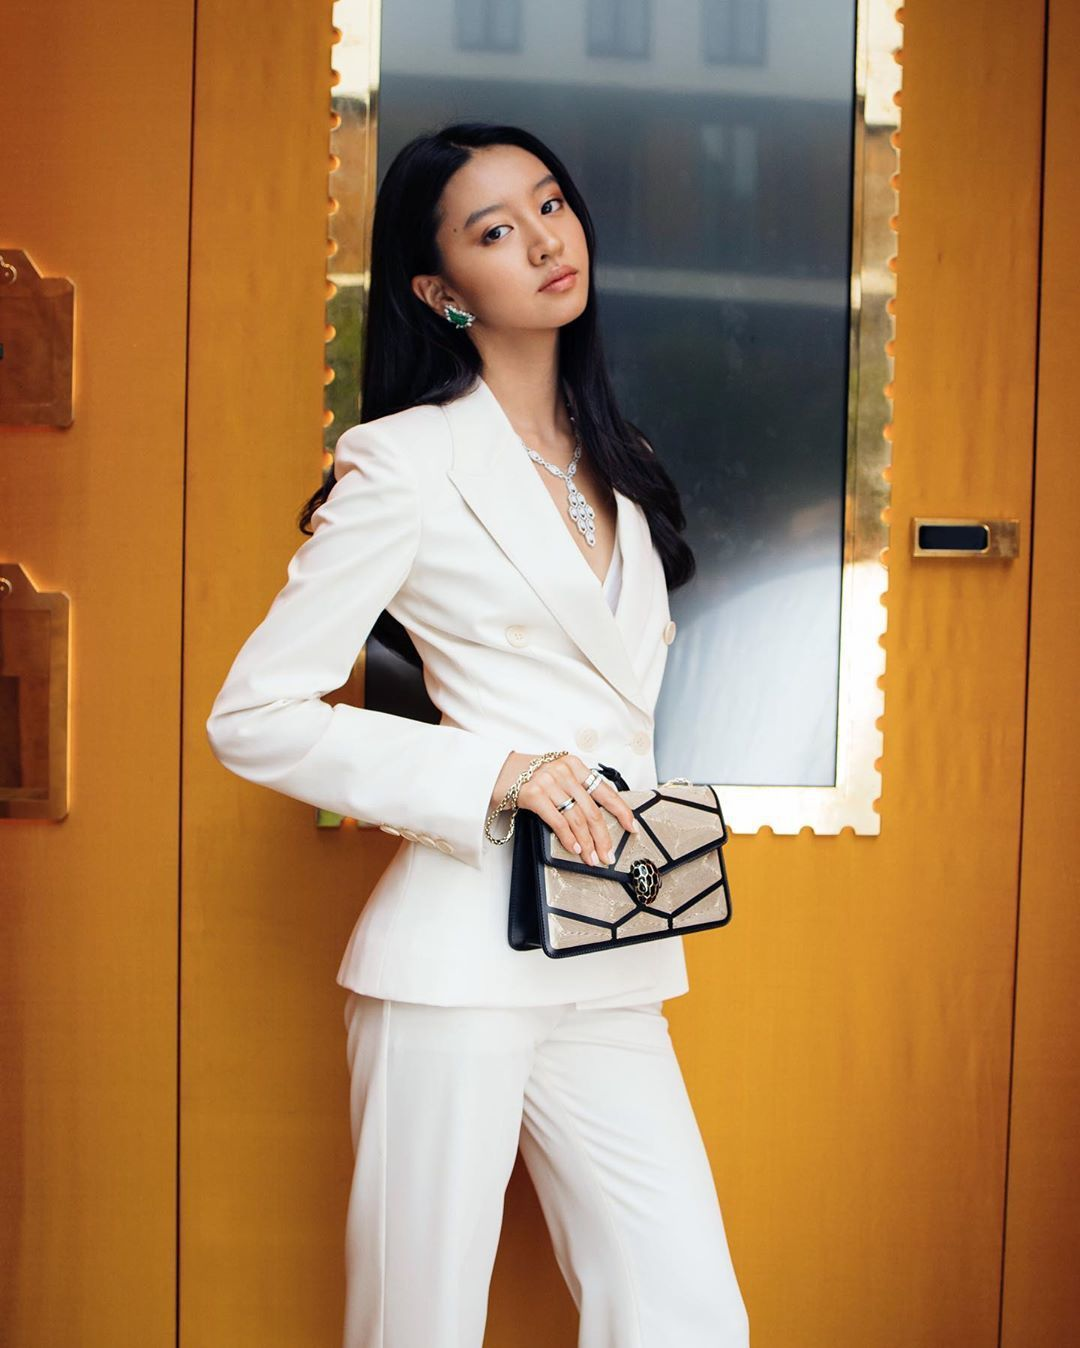 寶格麗品牌大使木村光希以一身帥氣白西裝造型現身,搶先一睹眾多嶄新包款。圖/摘自品...